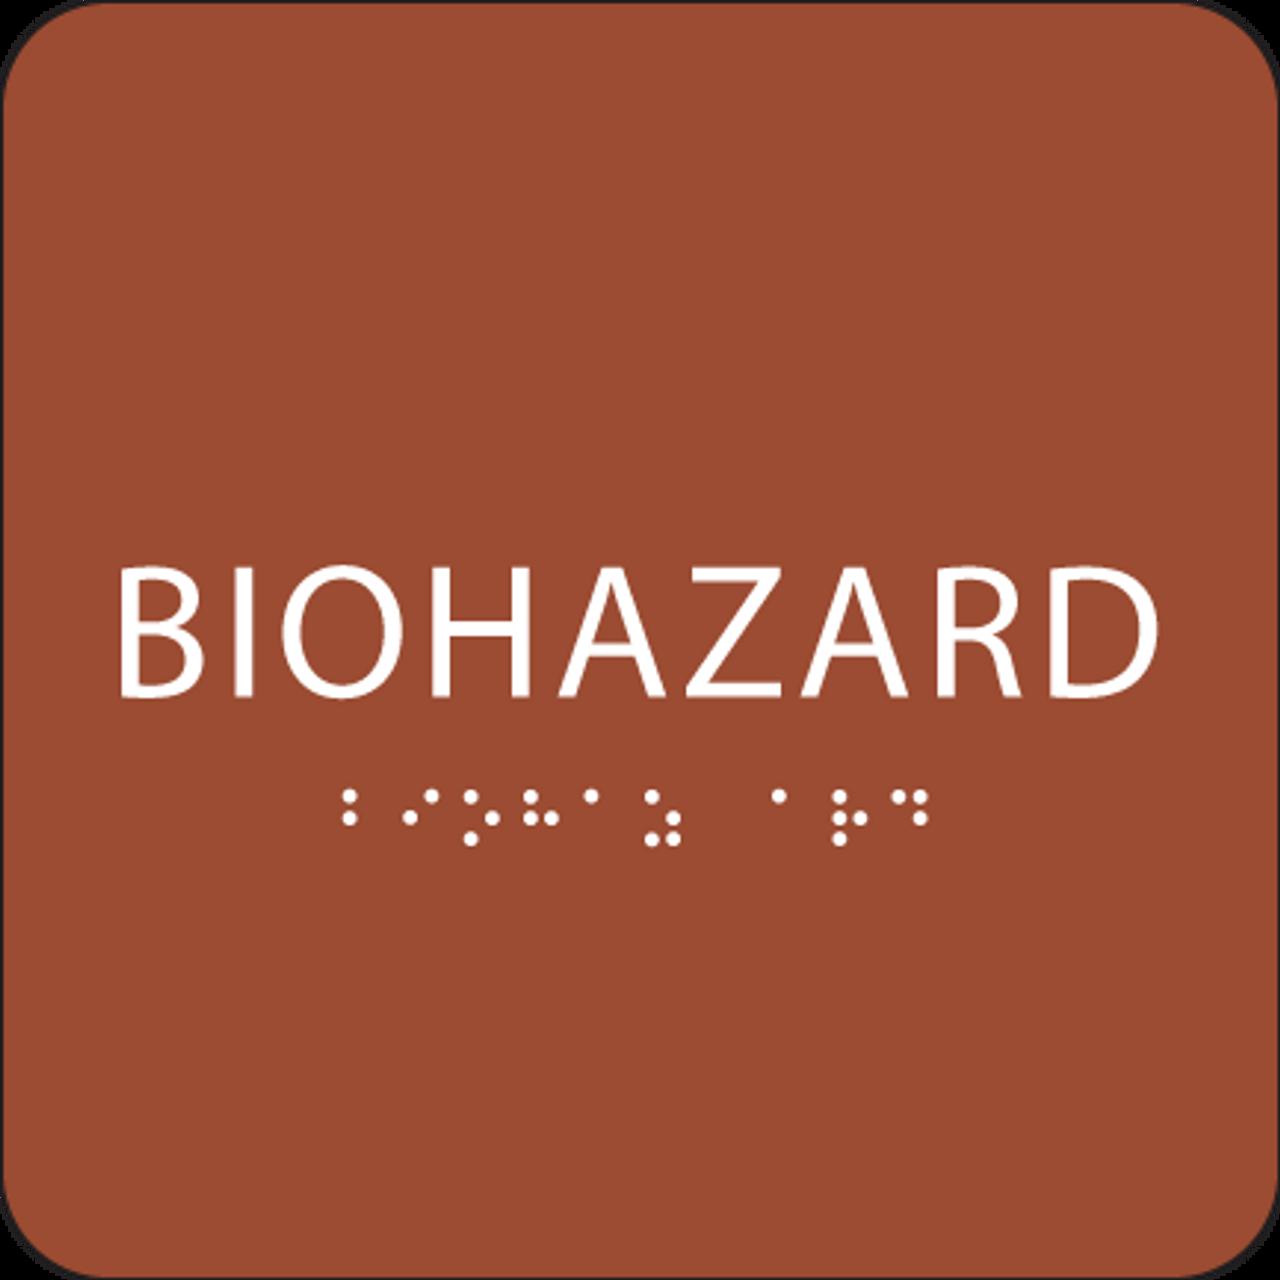 Orange Biohazard ADA Sign